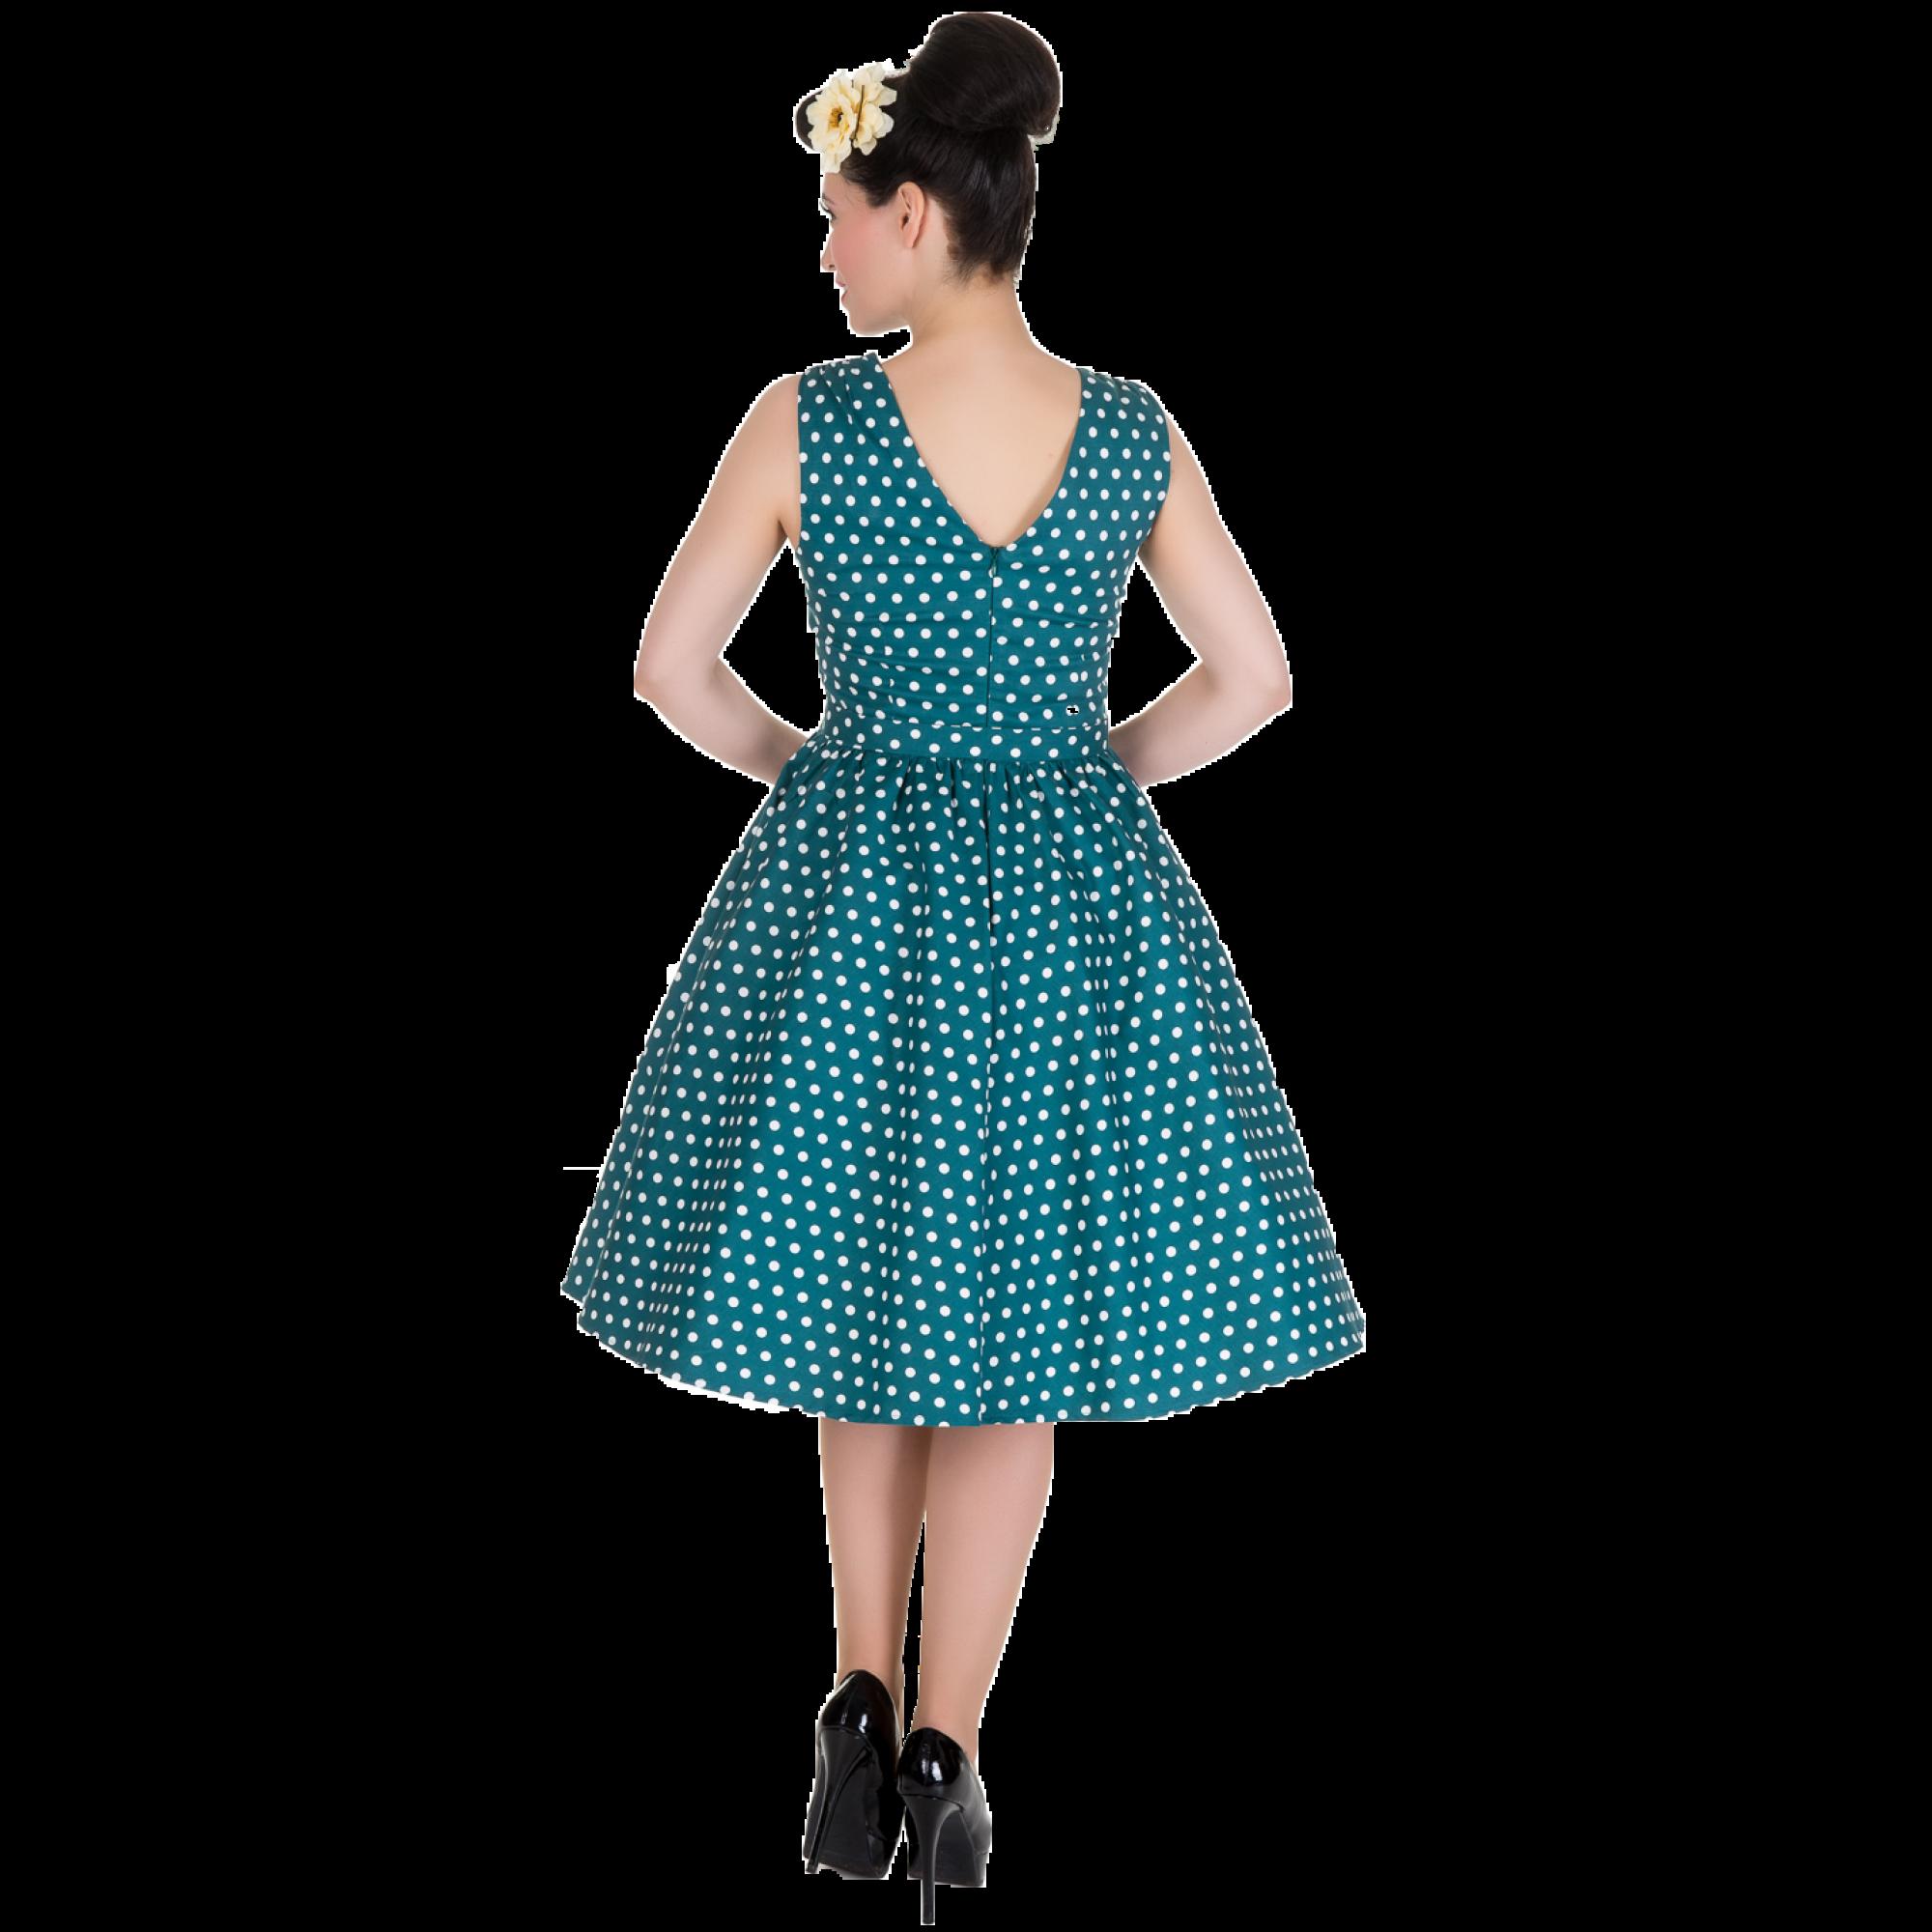 17cf500331e3 Štýlové zelené retro šaty s bielými bodkami.